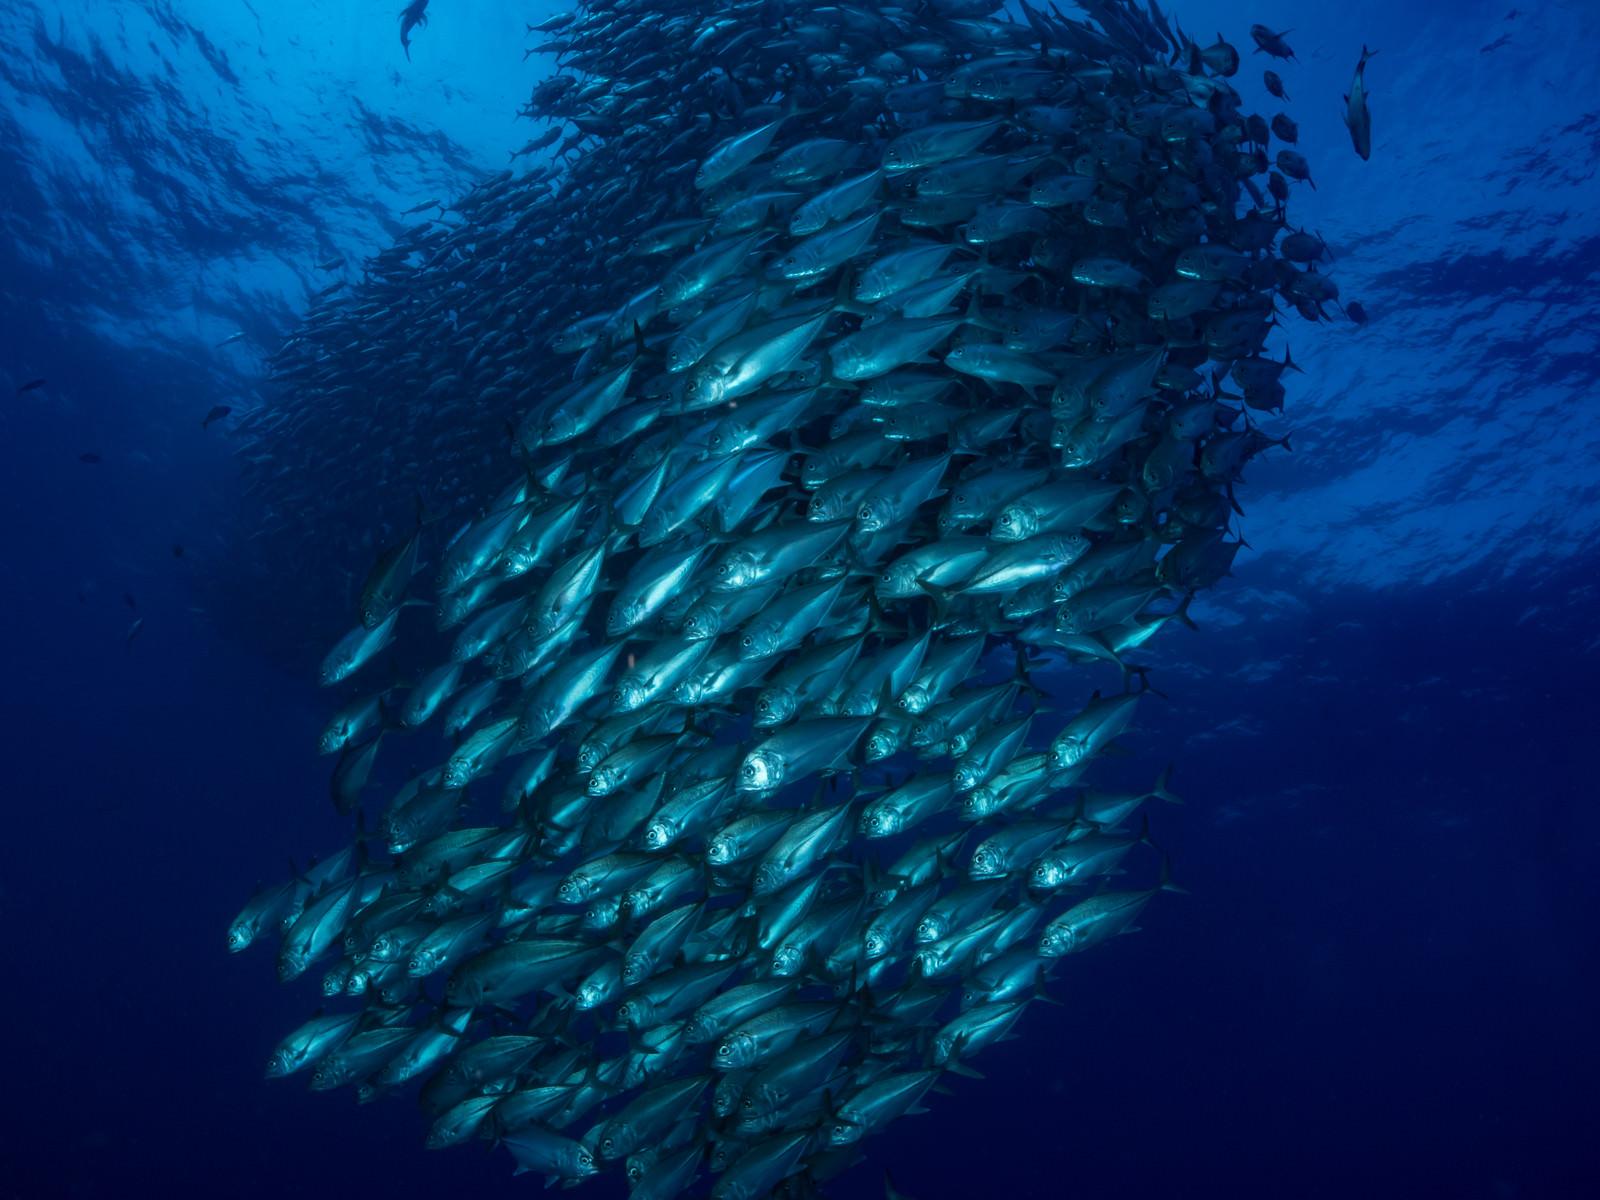 「目の前を泳ぐギンガメアジ群れ(大群)目の前を泳ぐギンガメアジ群れ(大群)」のフリー写真素材を拡大